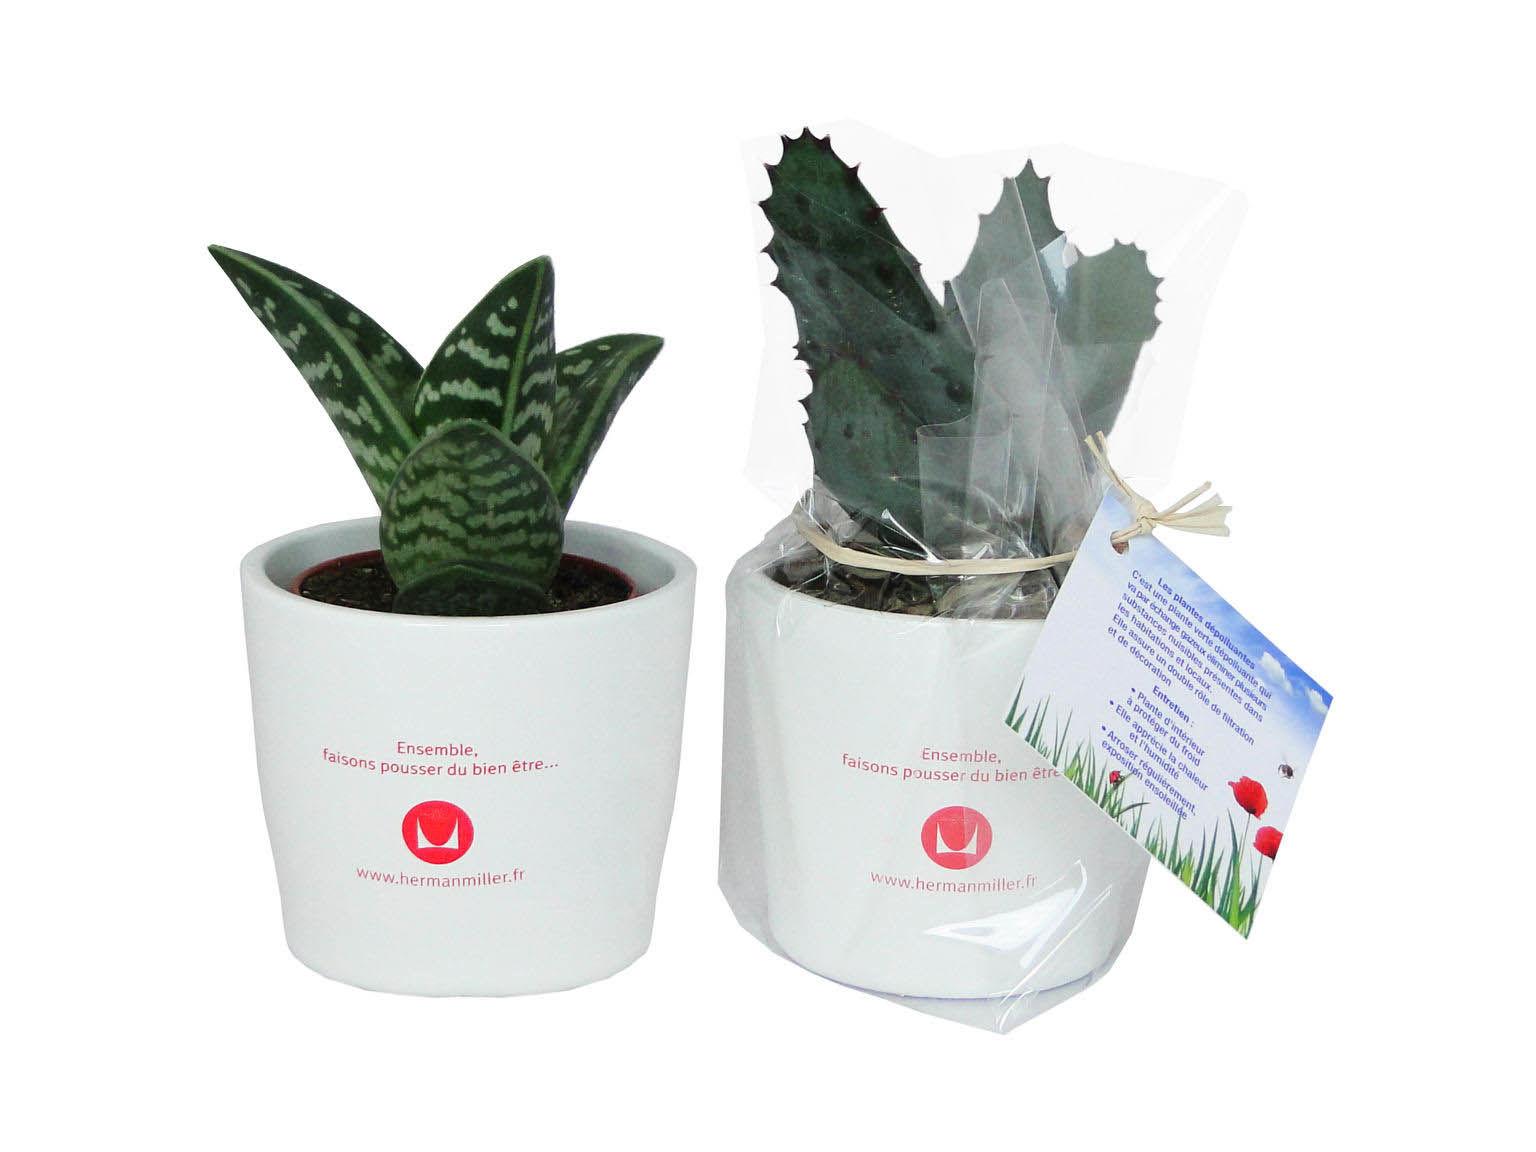 mini plante d polluante c ramique objet publicitaire. Black Bedroom Furniture Sets. Home Design Ideas